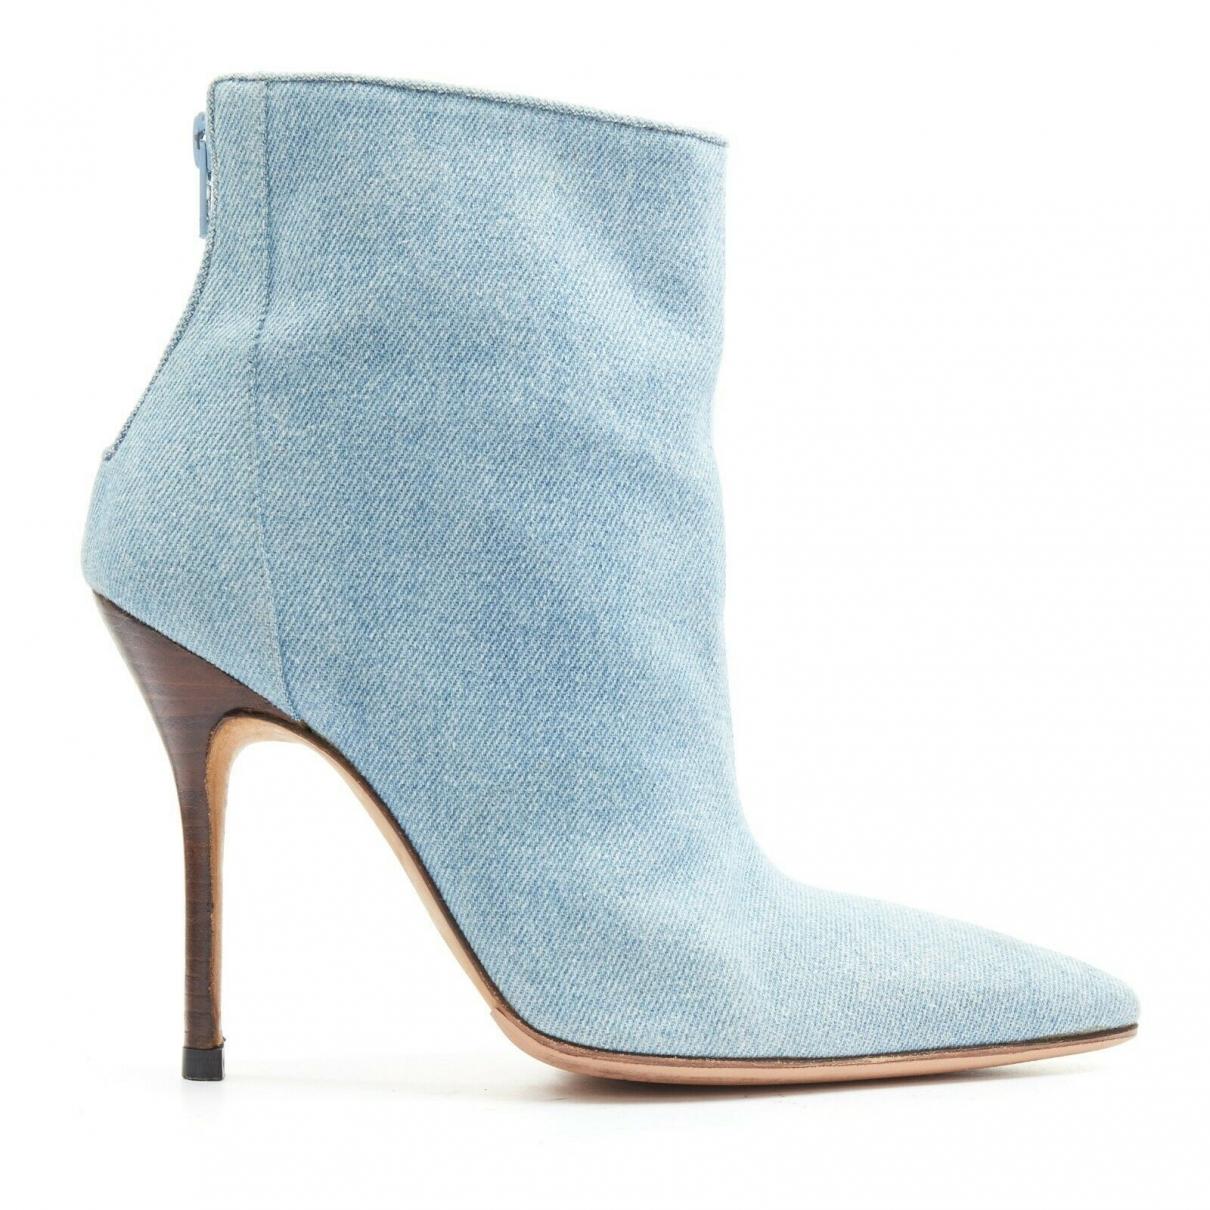 Manolo Blahnik \N Blue Suede Heels for Women 38 EU